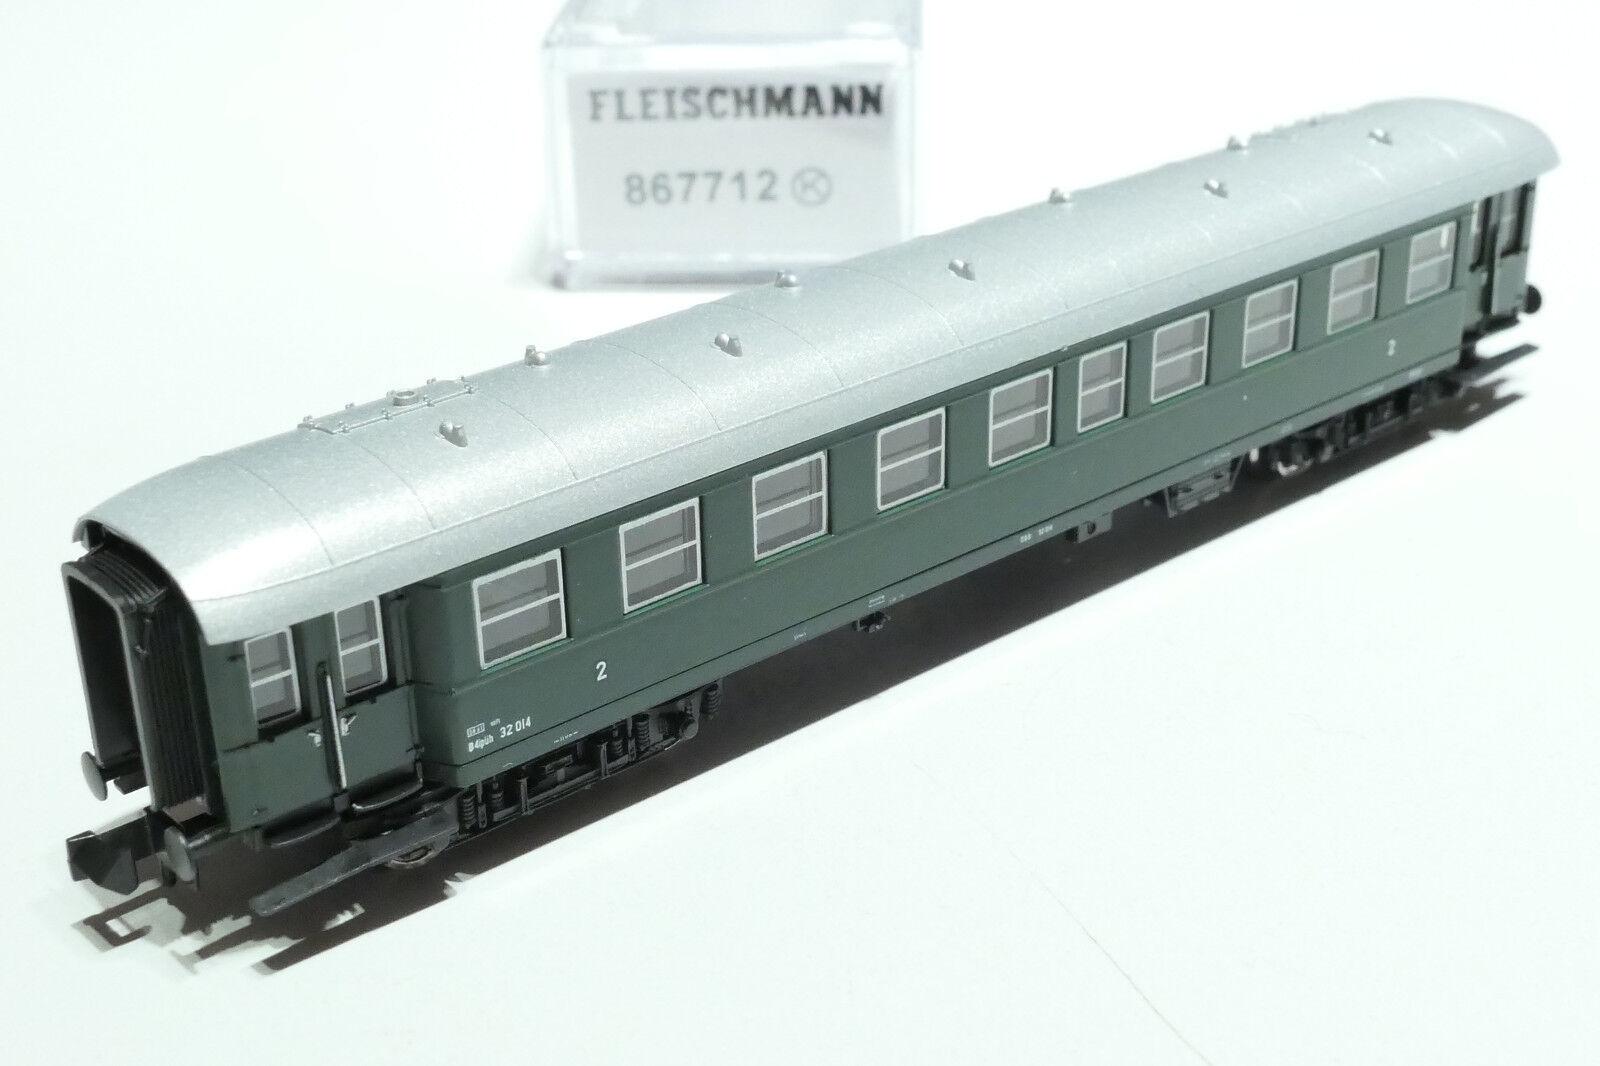 Fleischmann N ÖBB 4 achsiger 2. Klasse Personenwagen grün 867712 OVP  NEU  | Won hoch geschätzt und weithin vertraut im in- und Ausland vertraut